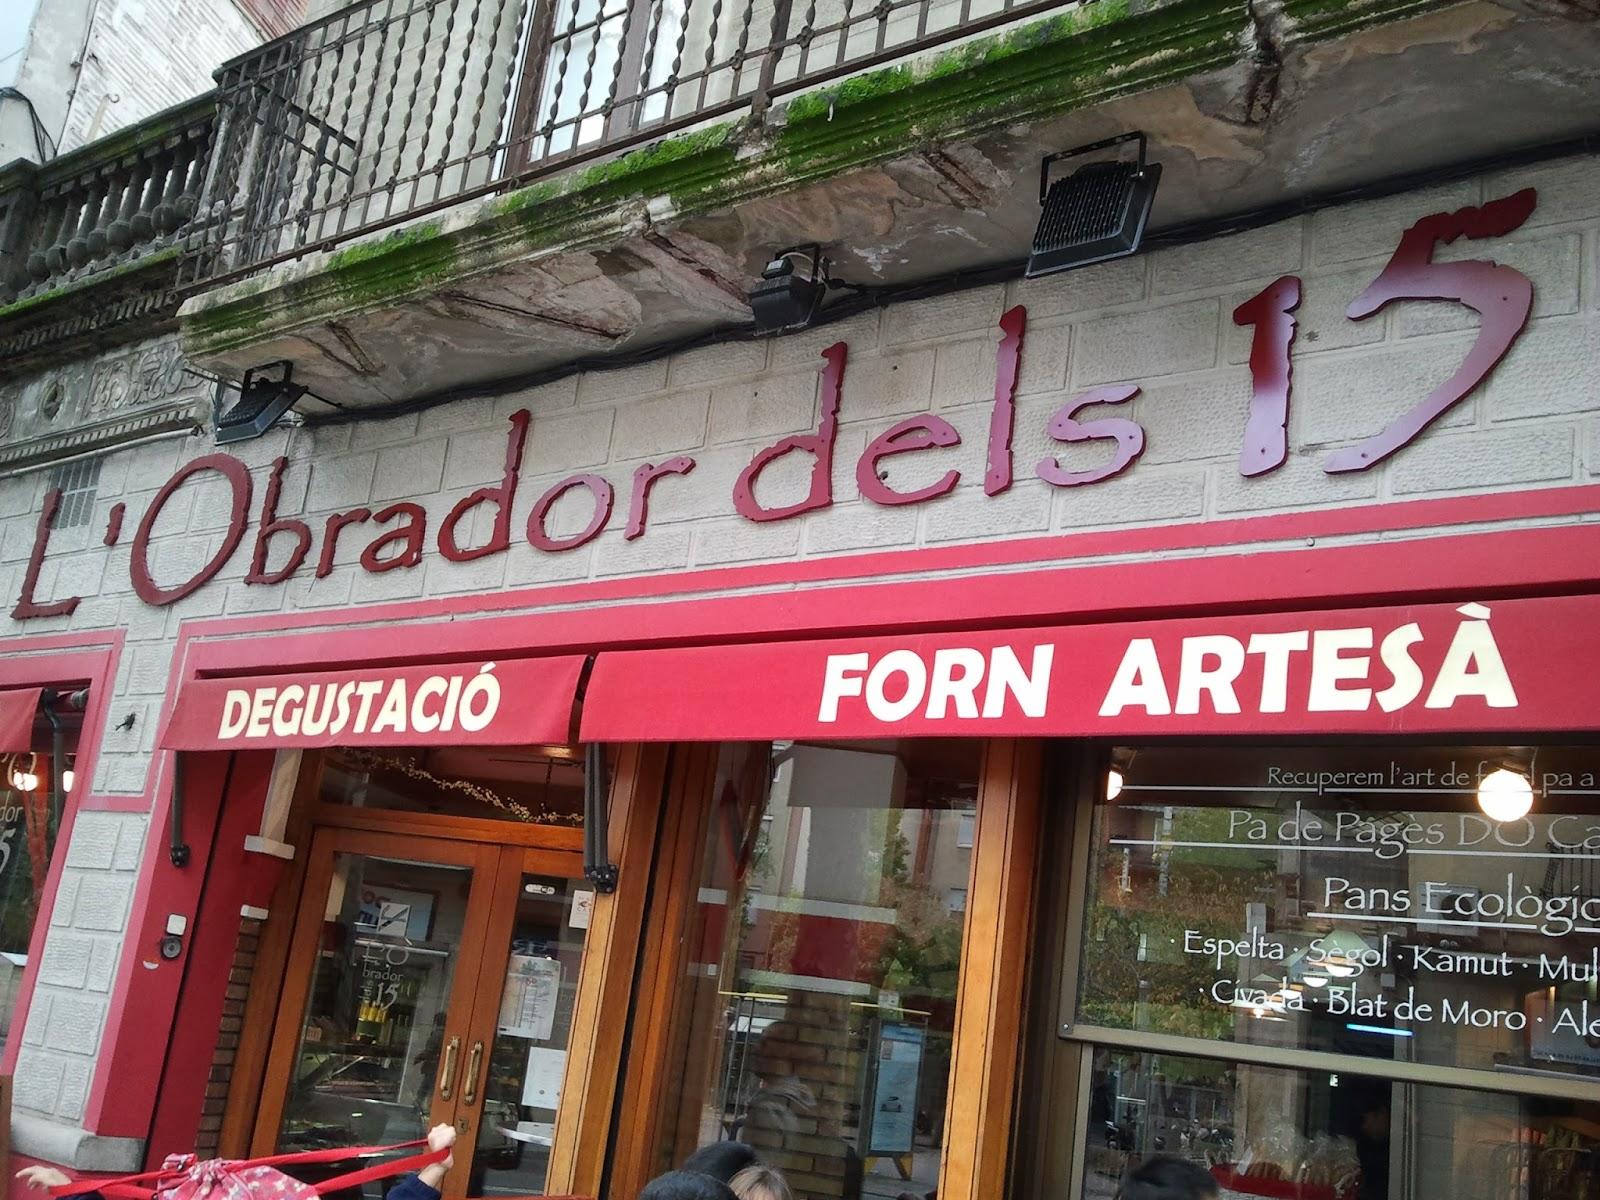 WWW.LOBRADORDELS15.COM